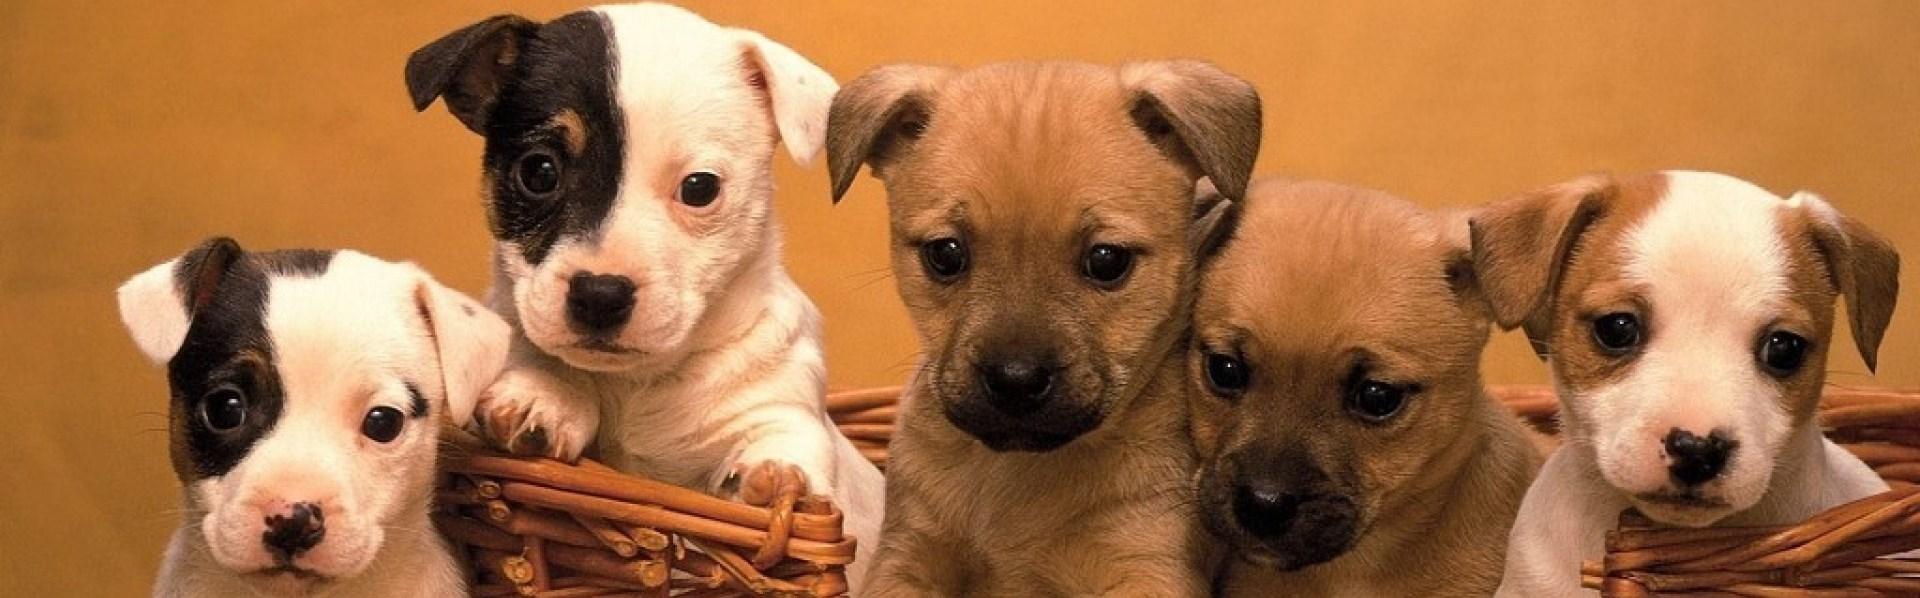 Cum să adopţi în siguranţă un căţel, când căţeaua familei este deja gravidă